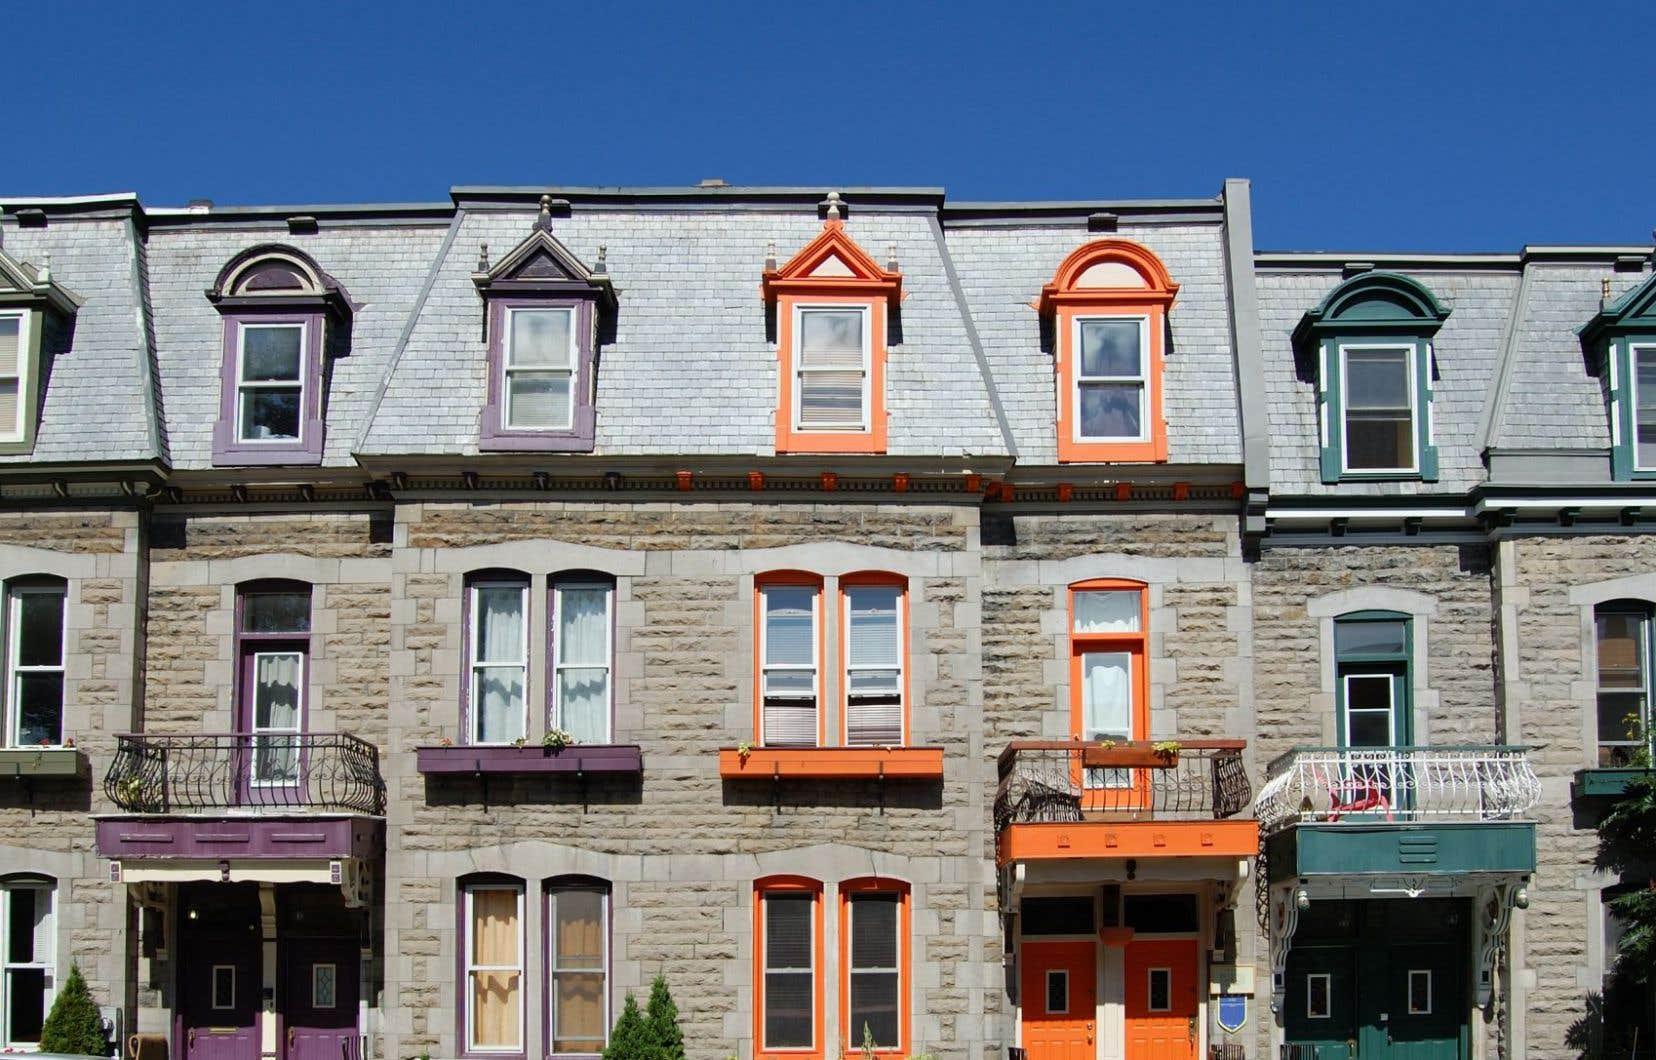 En date de vendredi, le site Airbnb hébergeait pourtant plusieurs milliers d'offres d'hébergement à l'échelle du Québec, le Plateau-Mont-Royal en comptant à lui seul plus de 300.